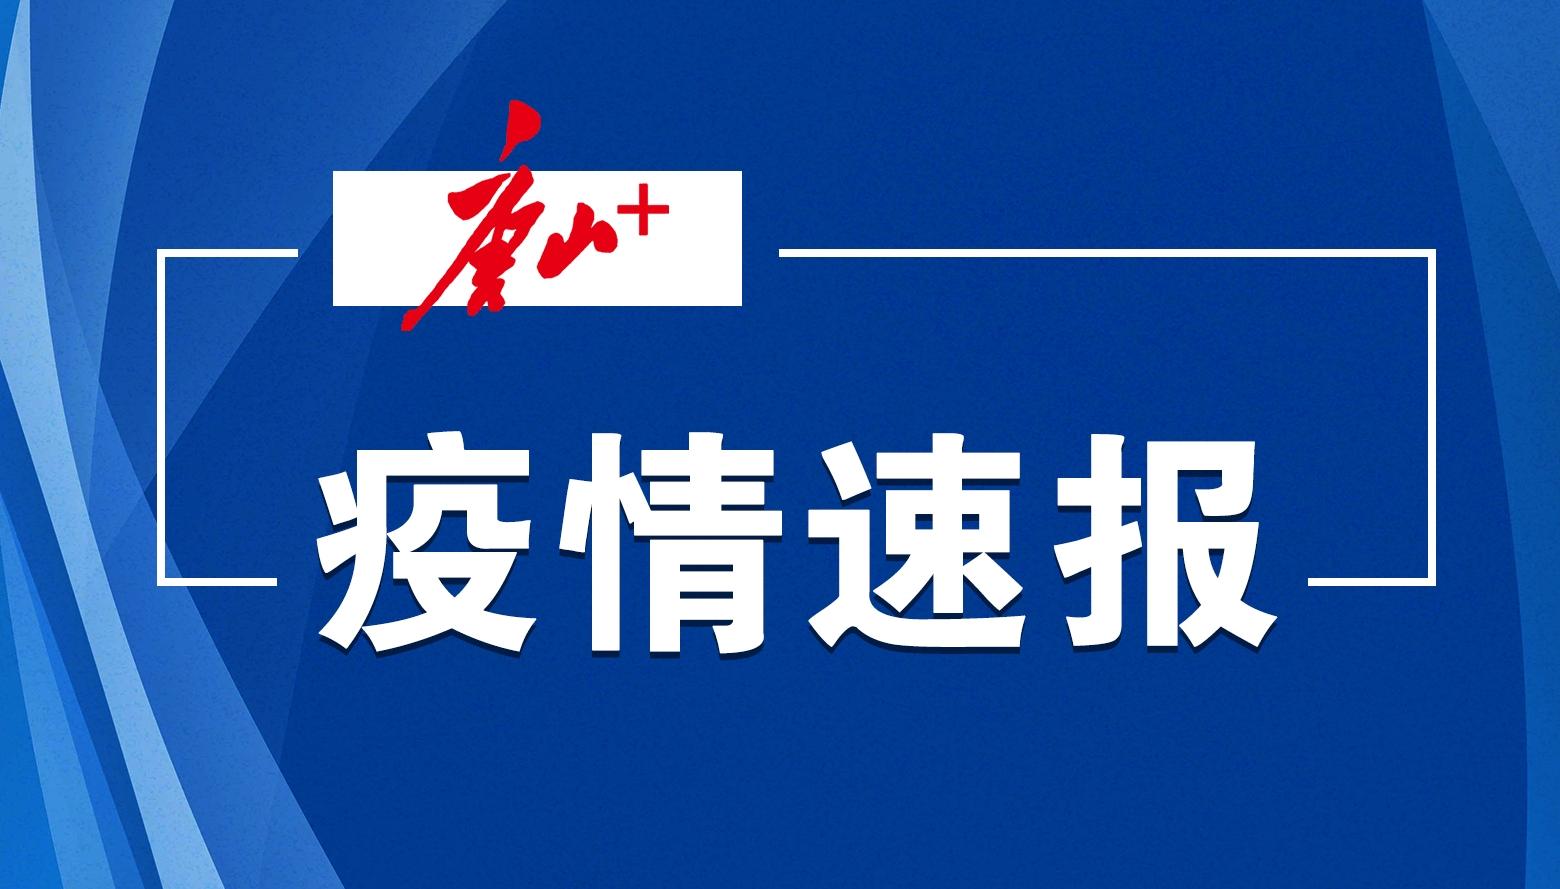 3月4日河北无新增确诊病例